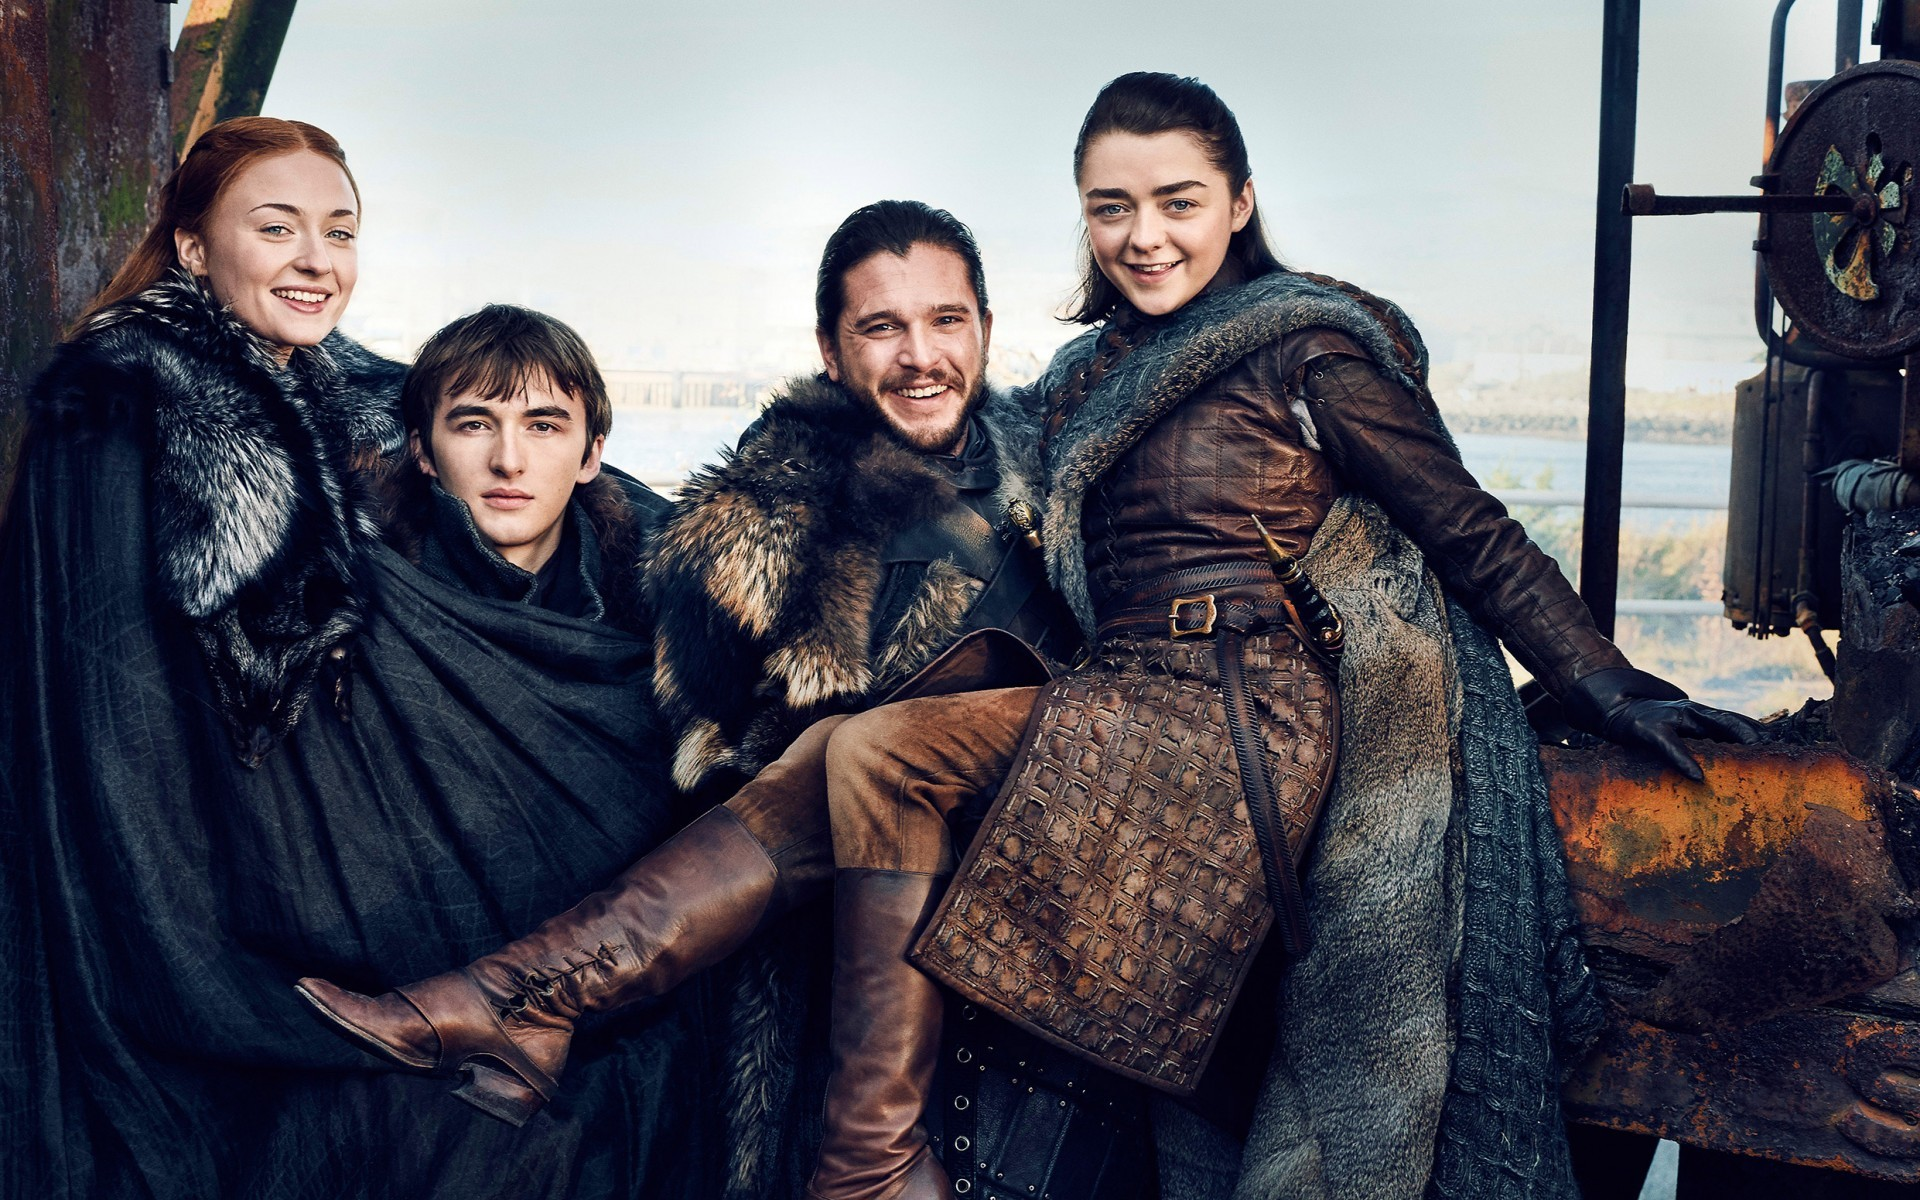 Sansa Stark, Bran Stark, Game of Thrones 2017, Jon Snow, Arya Stark, Isaac  Hempstead-Wright, Kit Harington, Maisie Williams, Sophie Turner